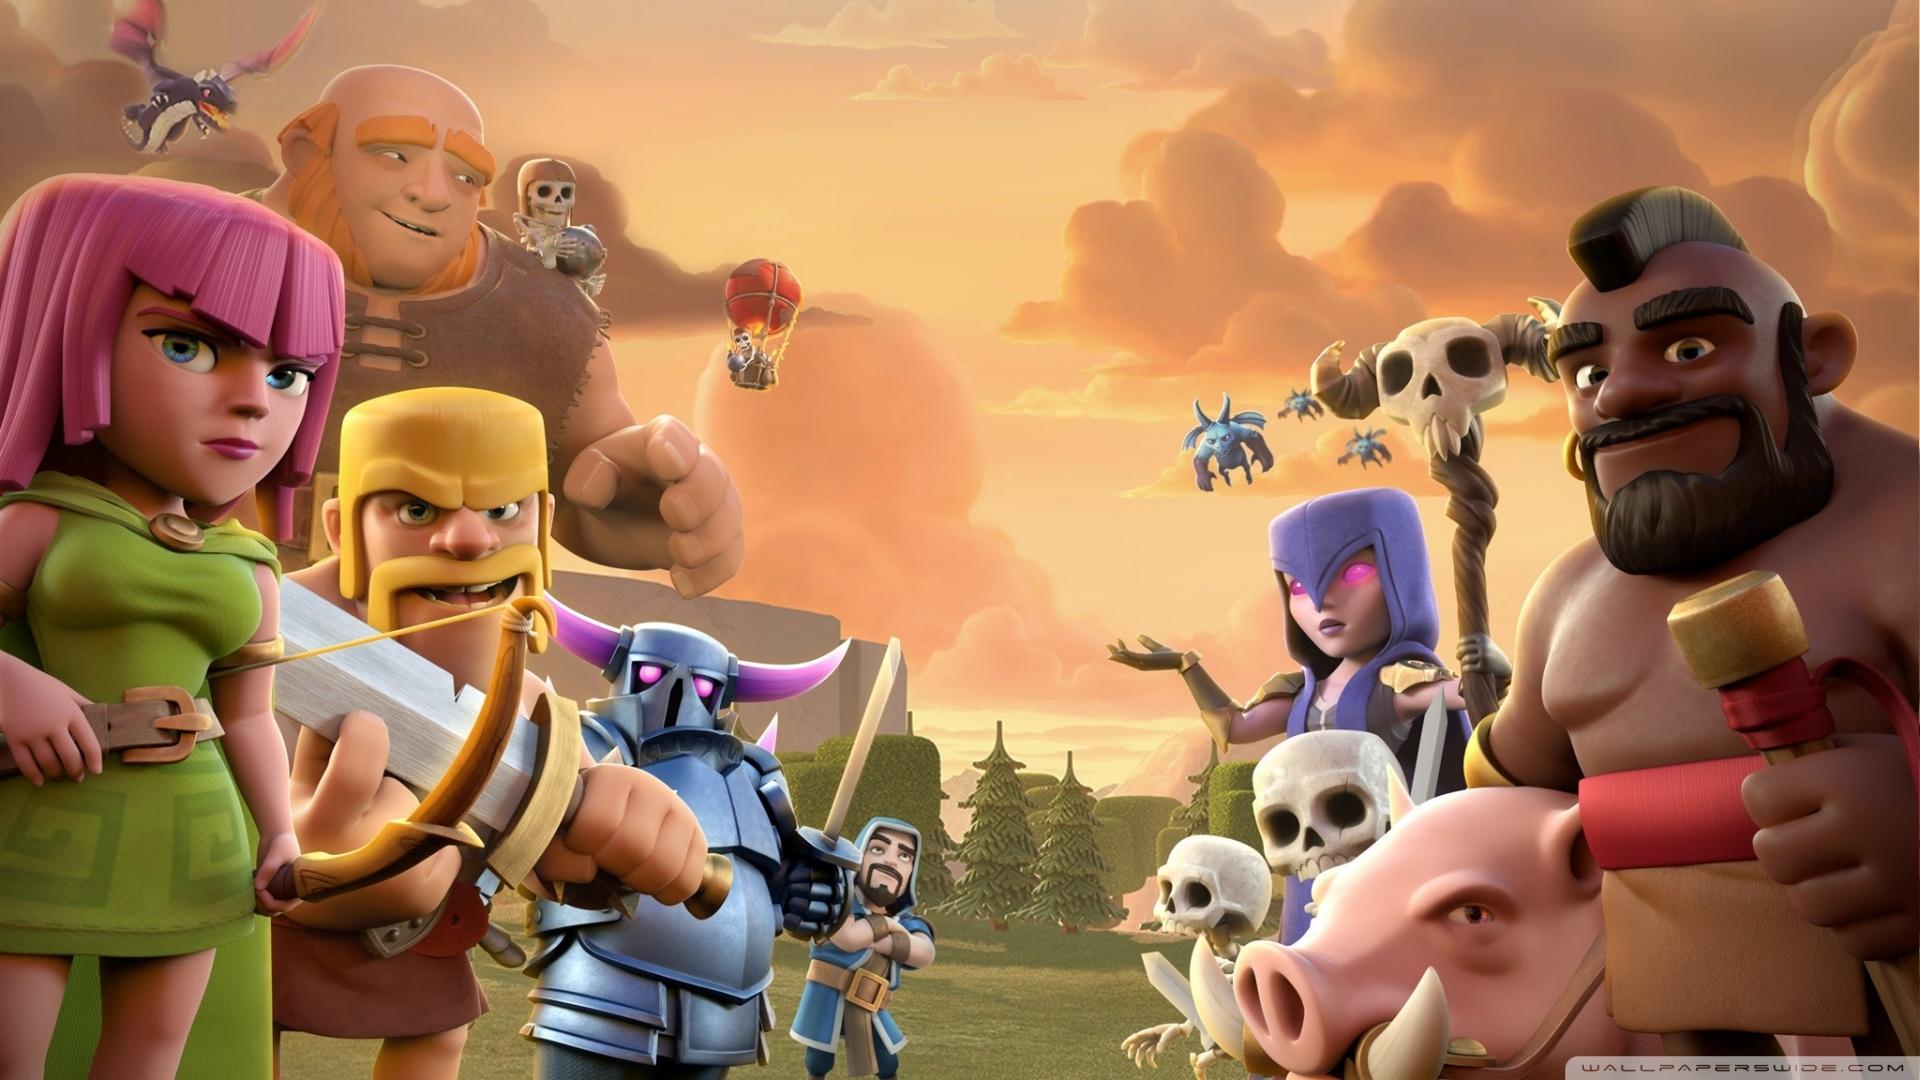 clash of clans ❤ 4k hd desktop wallpaper for 4k ultra hd tv